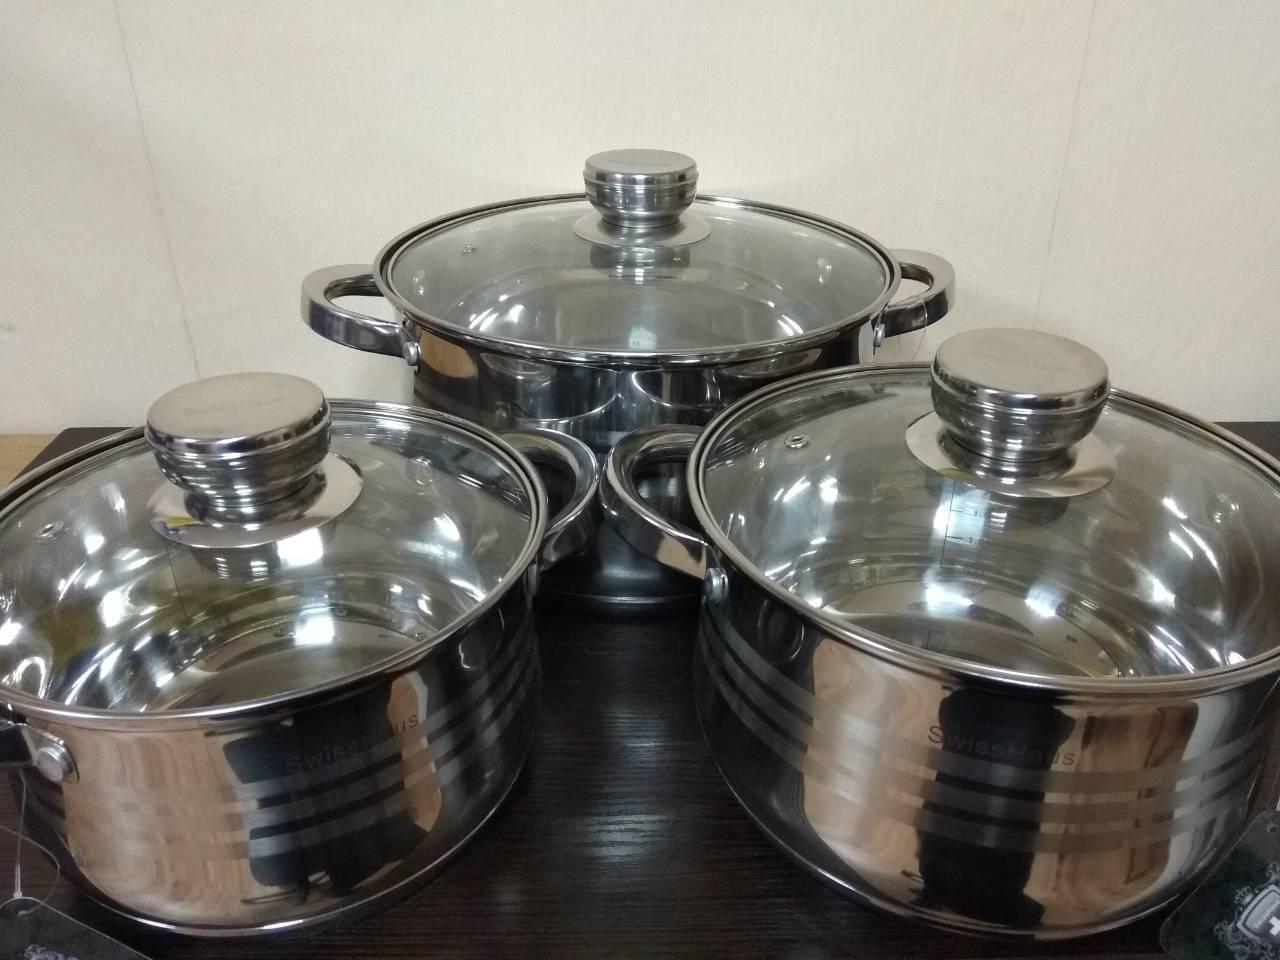 Набір посуду кухонний 6 предметів Swiss Haus SH 1256 нержавіюча сталь 3 каструлі